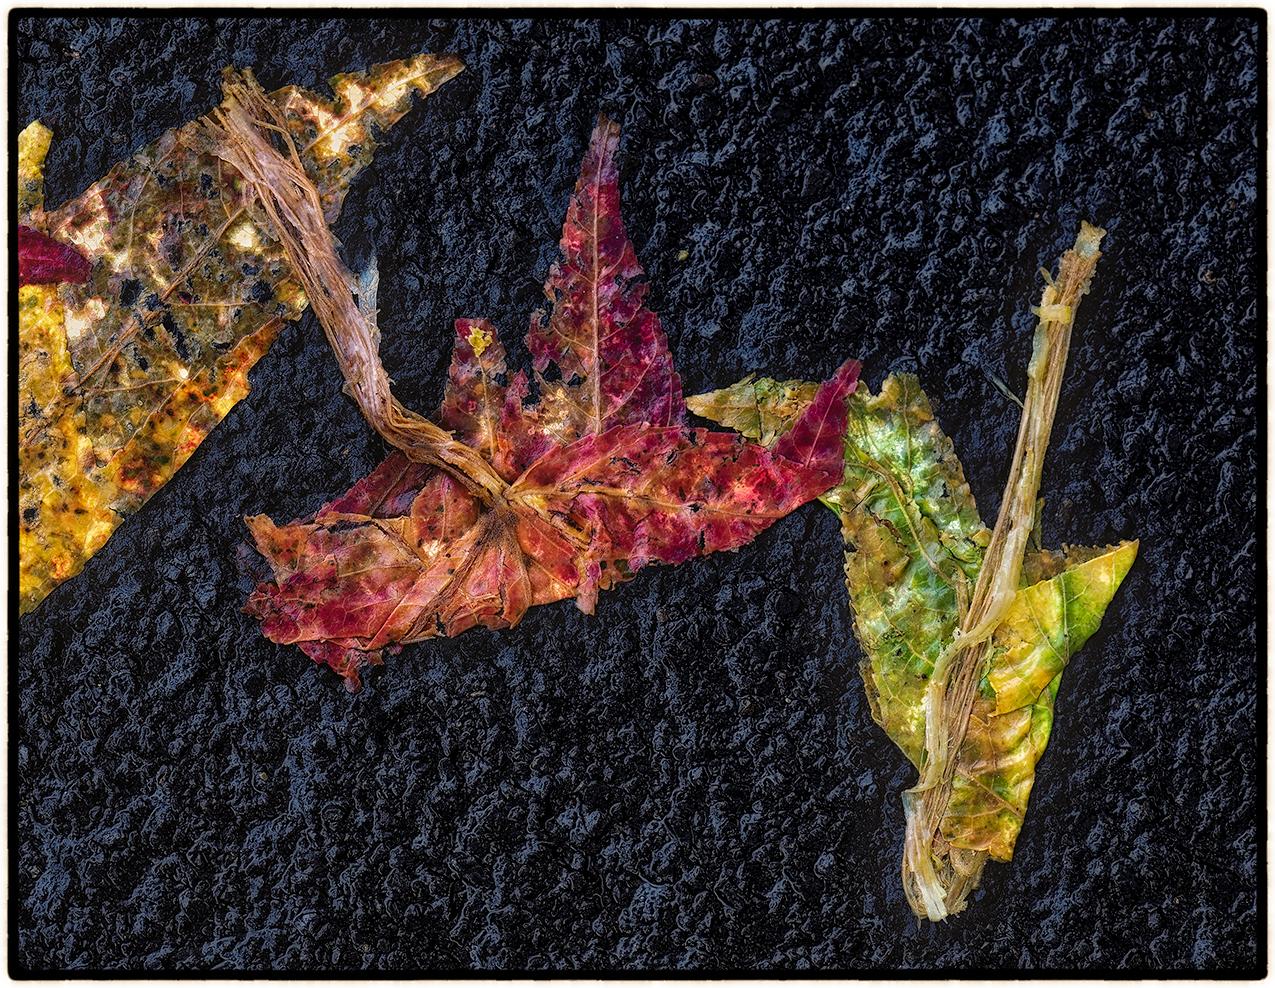 Asphalt-Autumn-2.jpg